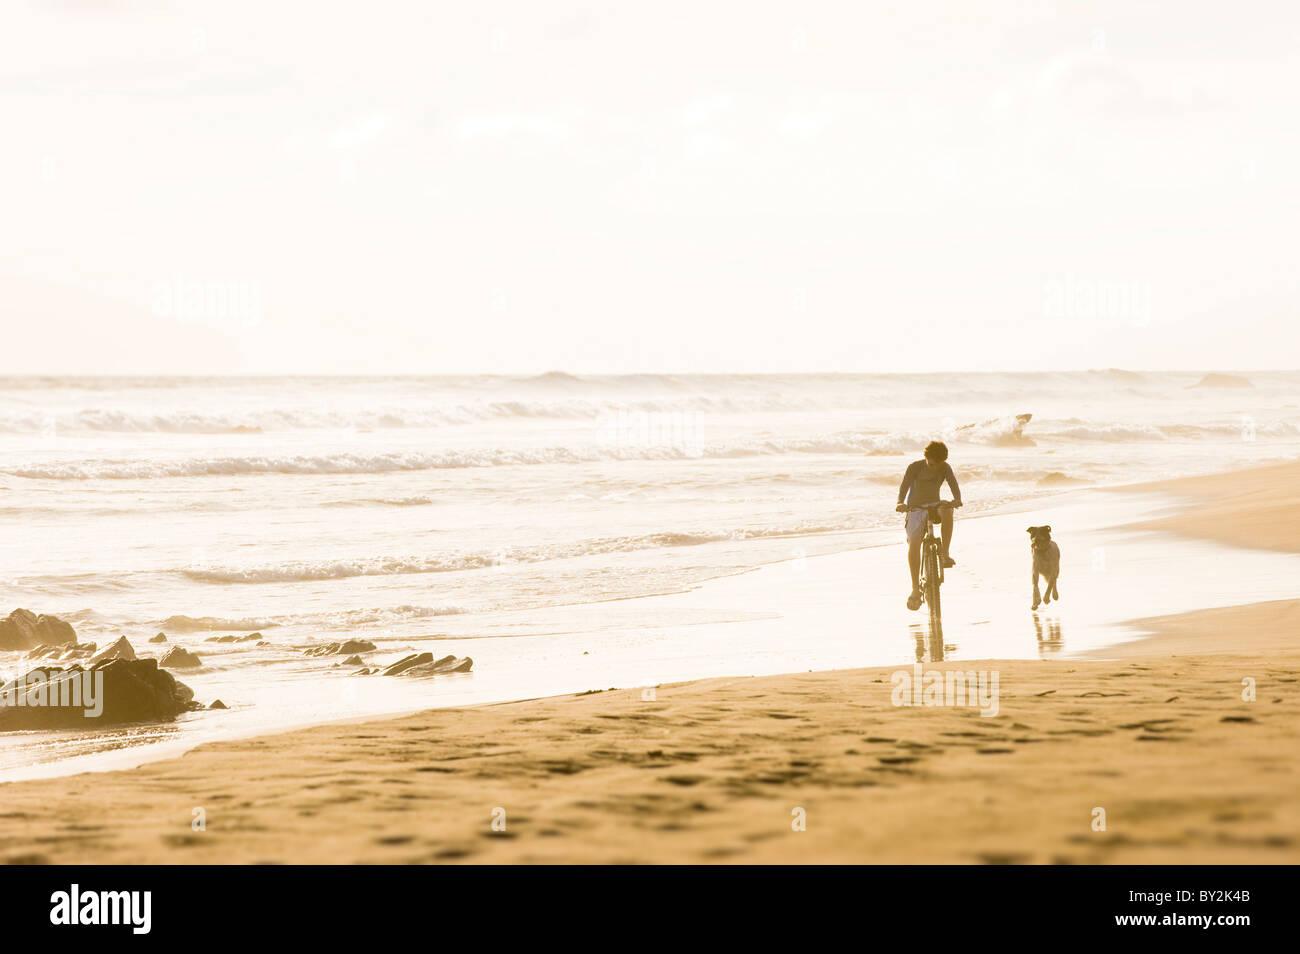 Ein Junge reitet sein Fahrrad, während ein Hund an einem Sandstrand in Mexiko entlang verläuft. Stockbild